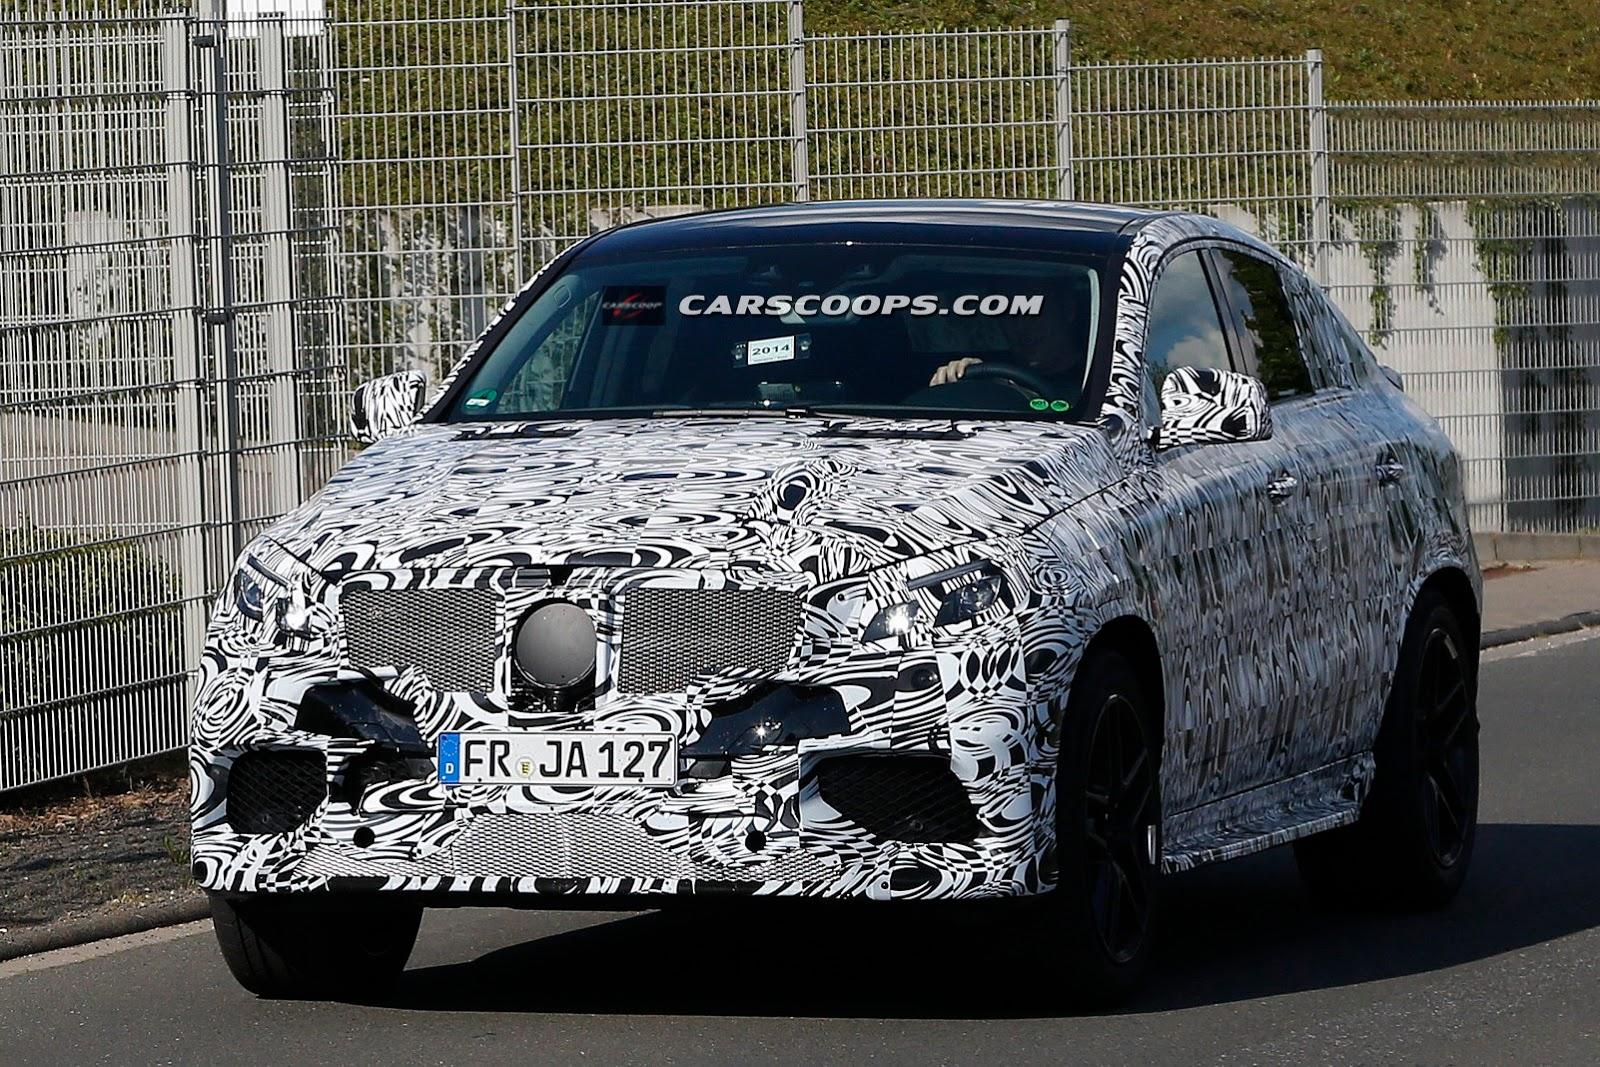 2015 - [Mercedes] GLE Coupé [C292] - Page 4 Mercedes-MLC-63-AMG-1%25255B3%25255D